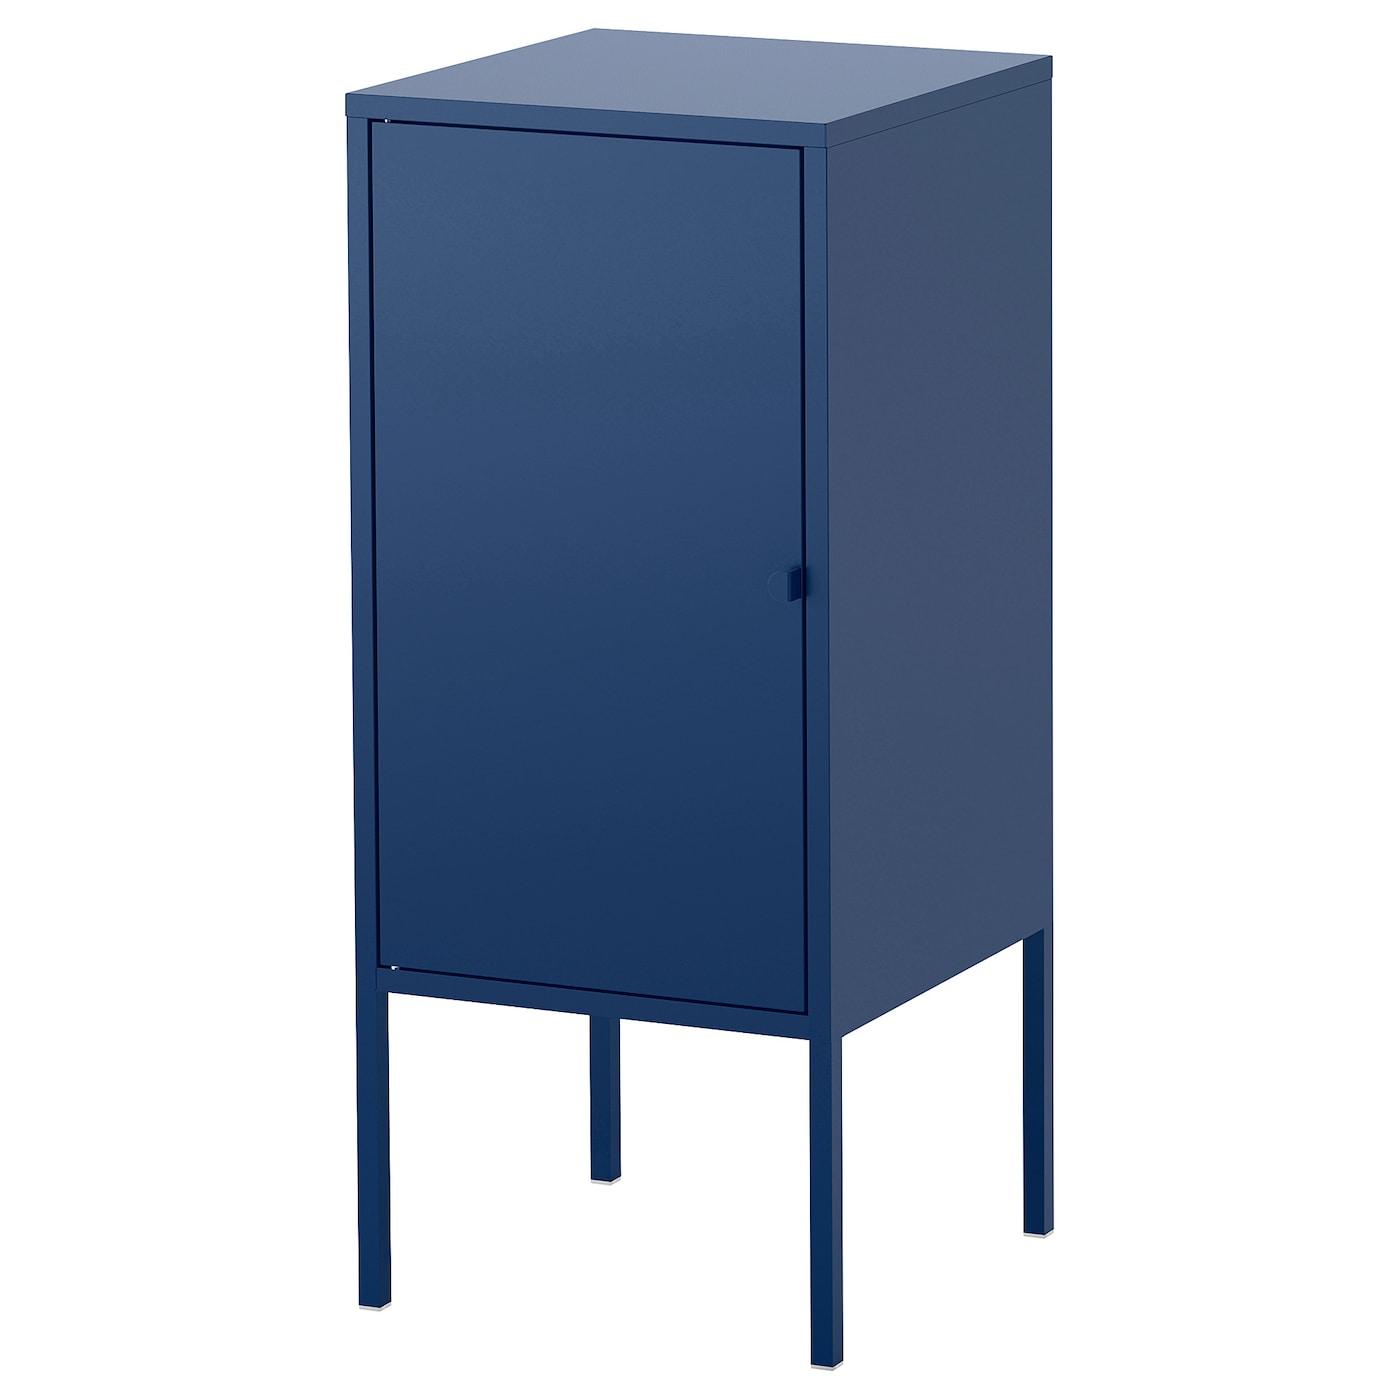 Incroyable IKEA LIXHULT Cabinet